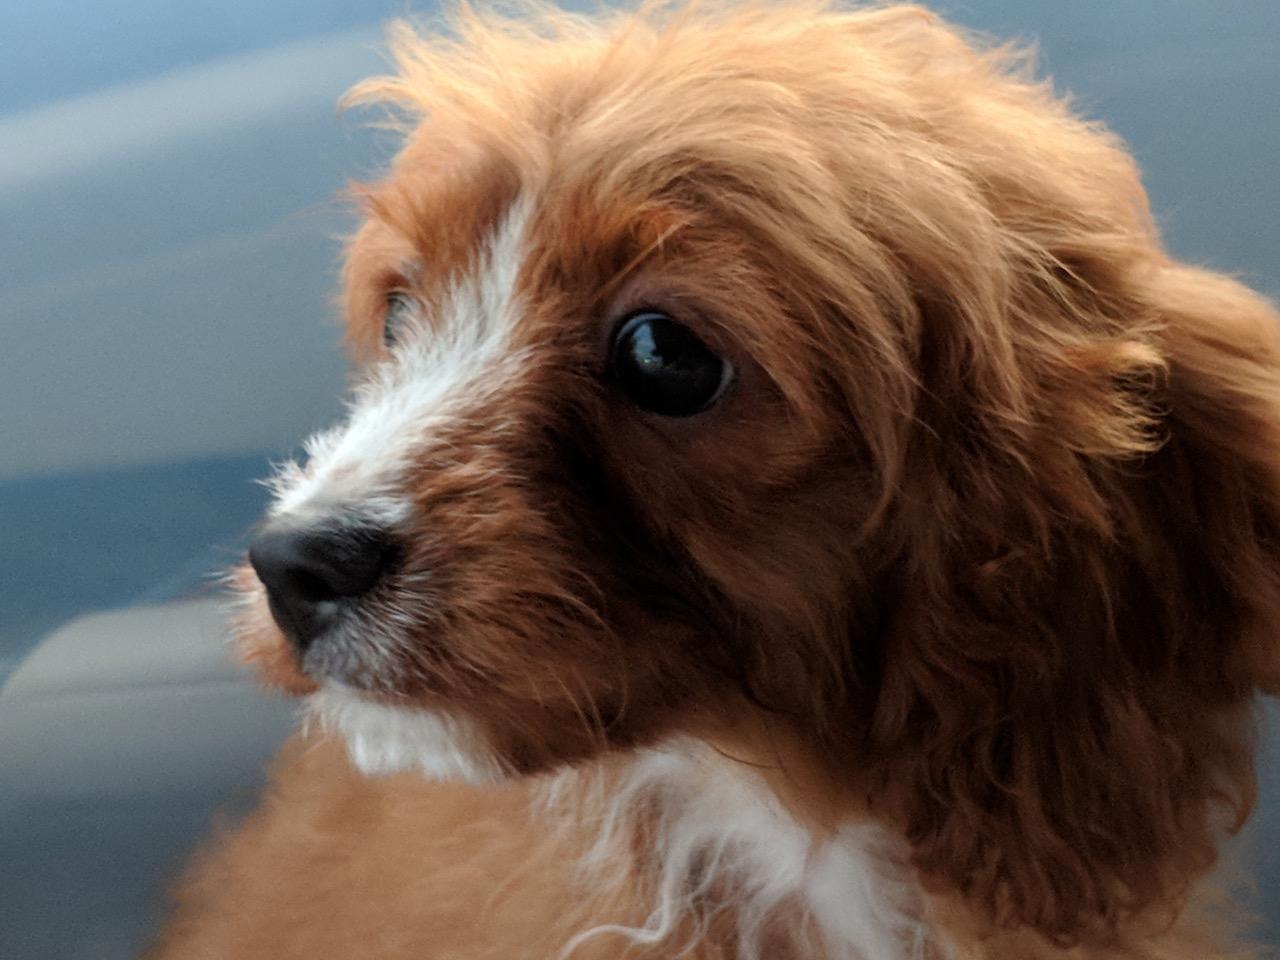 Cavapoo puppy Chiquita